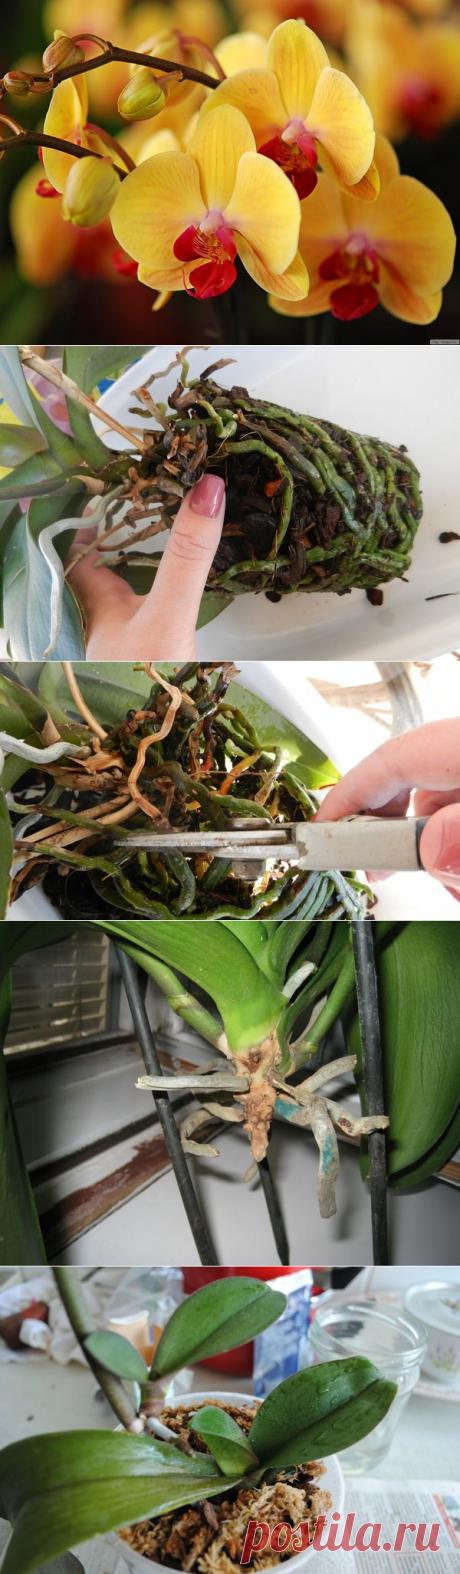 Оживляем уцененные Орхидеи | Волшебство на подоконнике | Яндекс Дзен